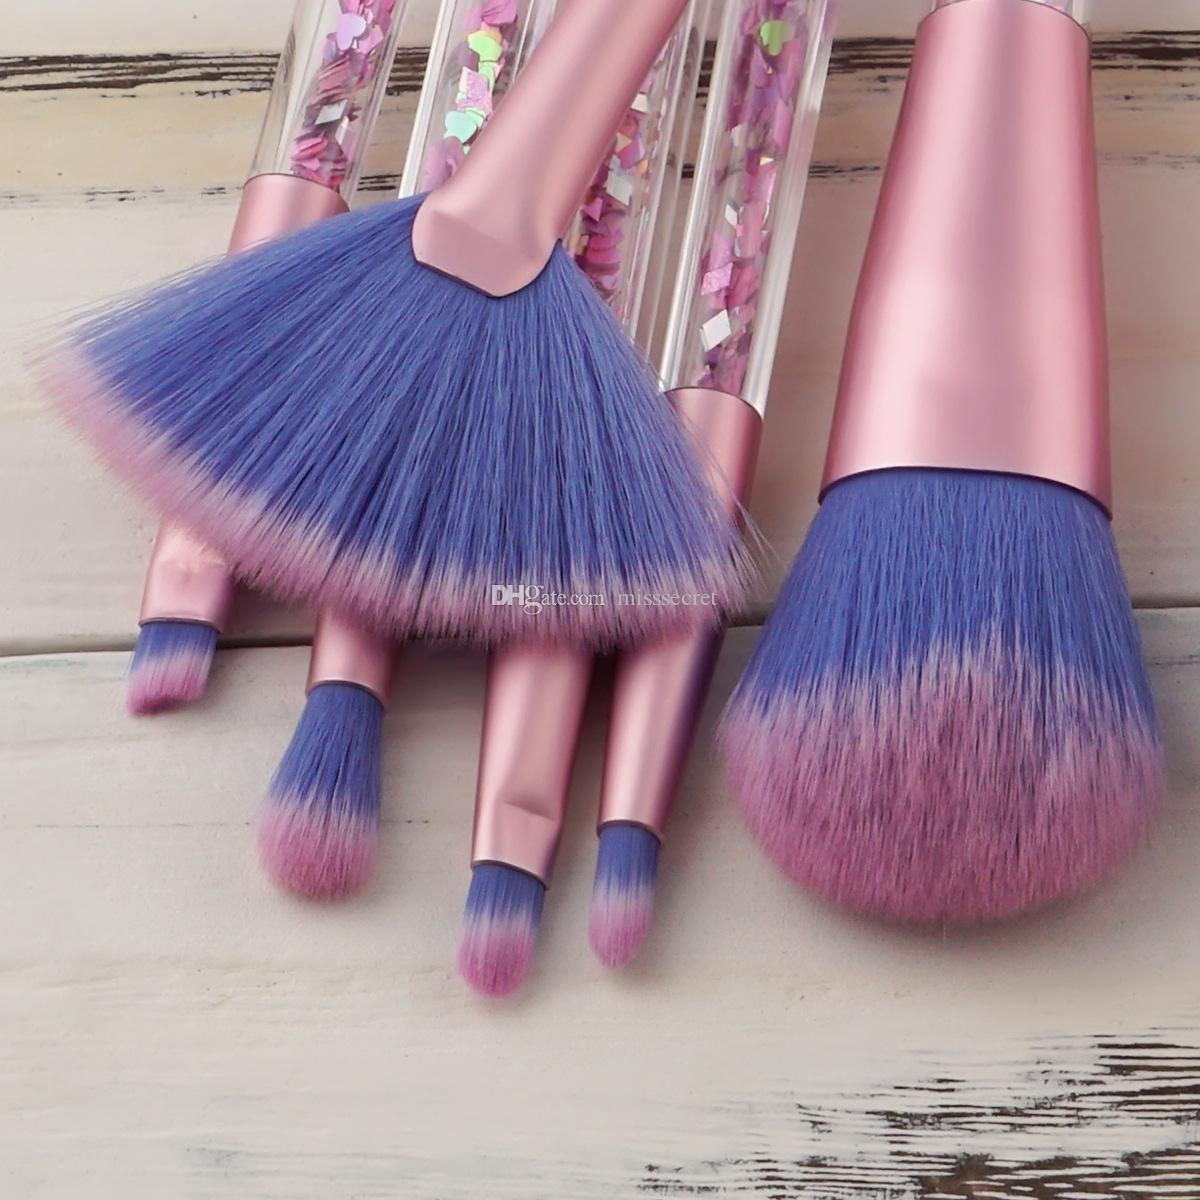 Блеск Кристалл макияж кисти набор 7 шт. Алмаз профессиональный маркер кисти маскирующее макияж Brush Set Русалка кисти Kit